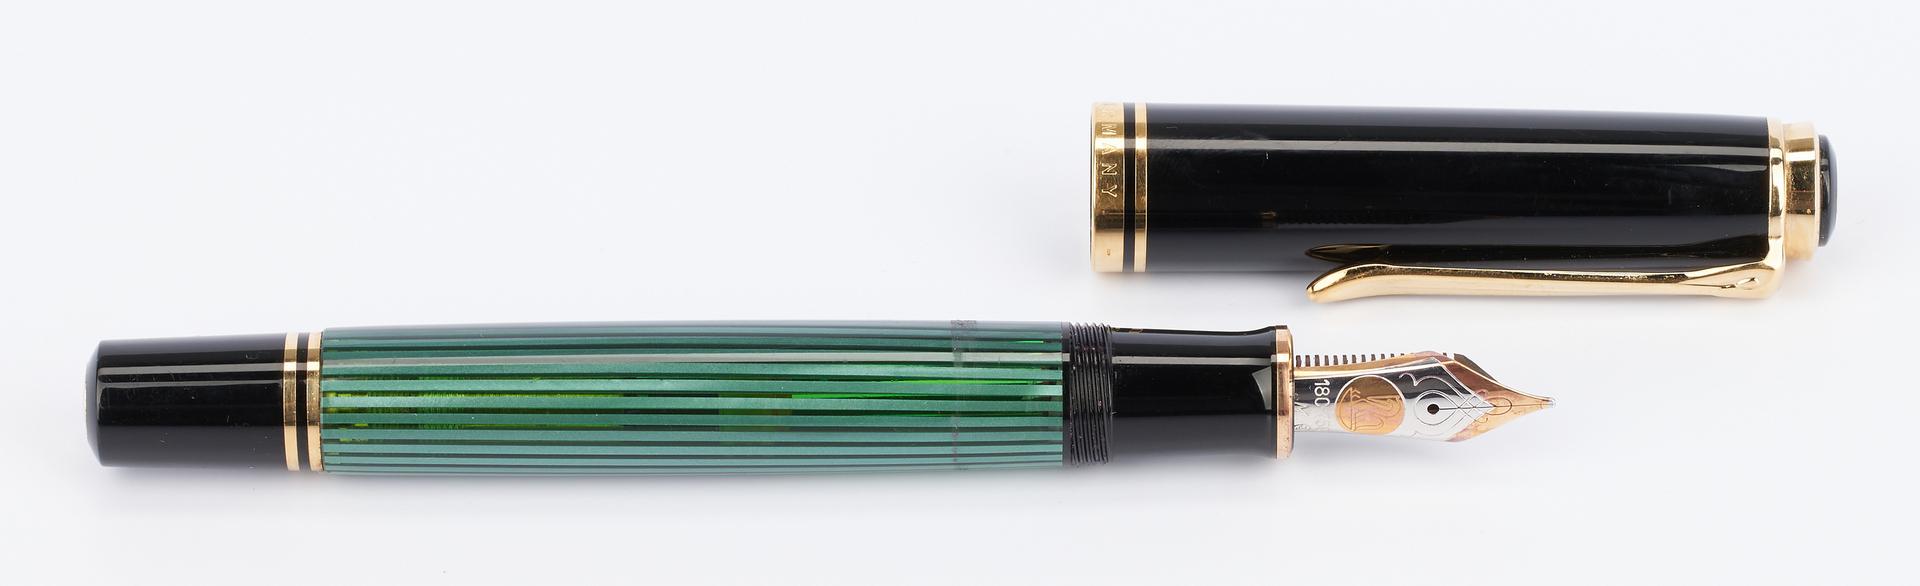 Lot 51: 2 Pelikan Fountain Pens, incl. Concerto, Green Str